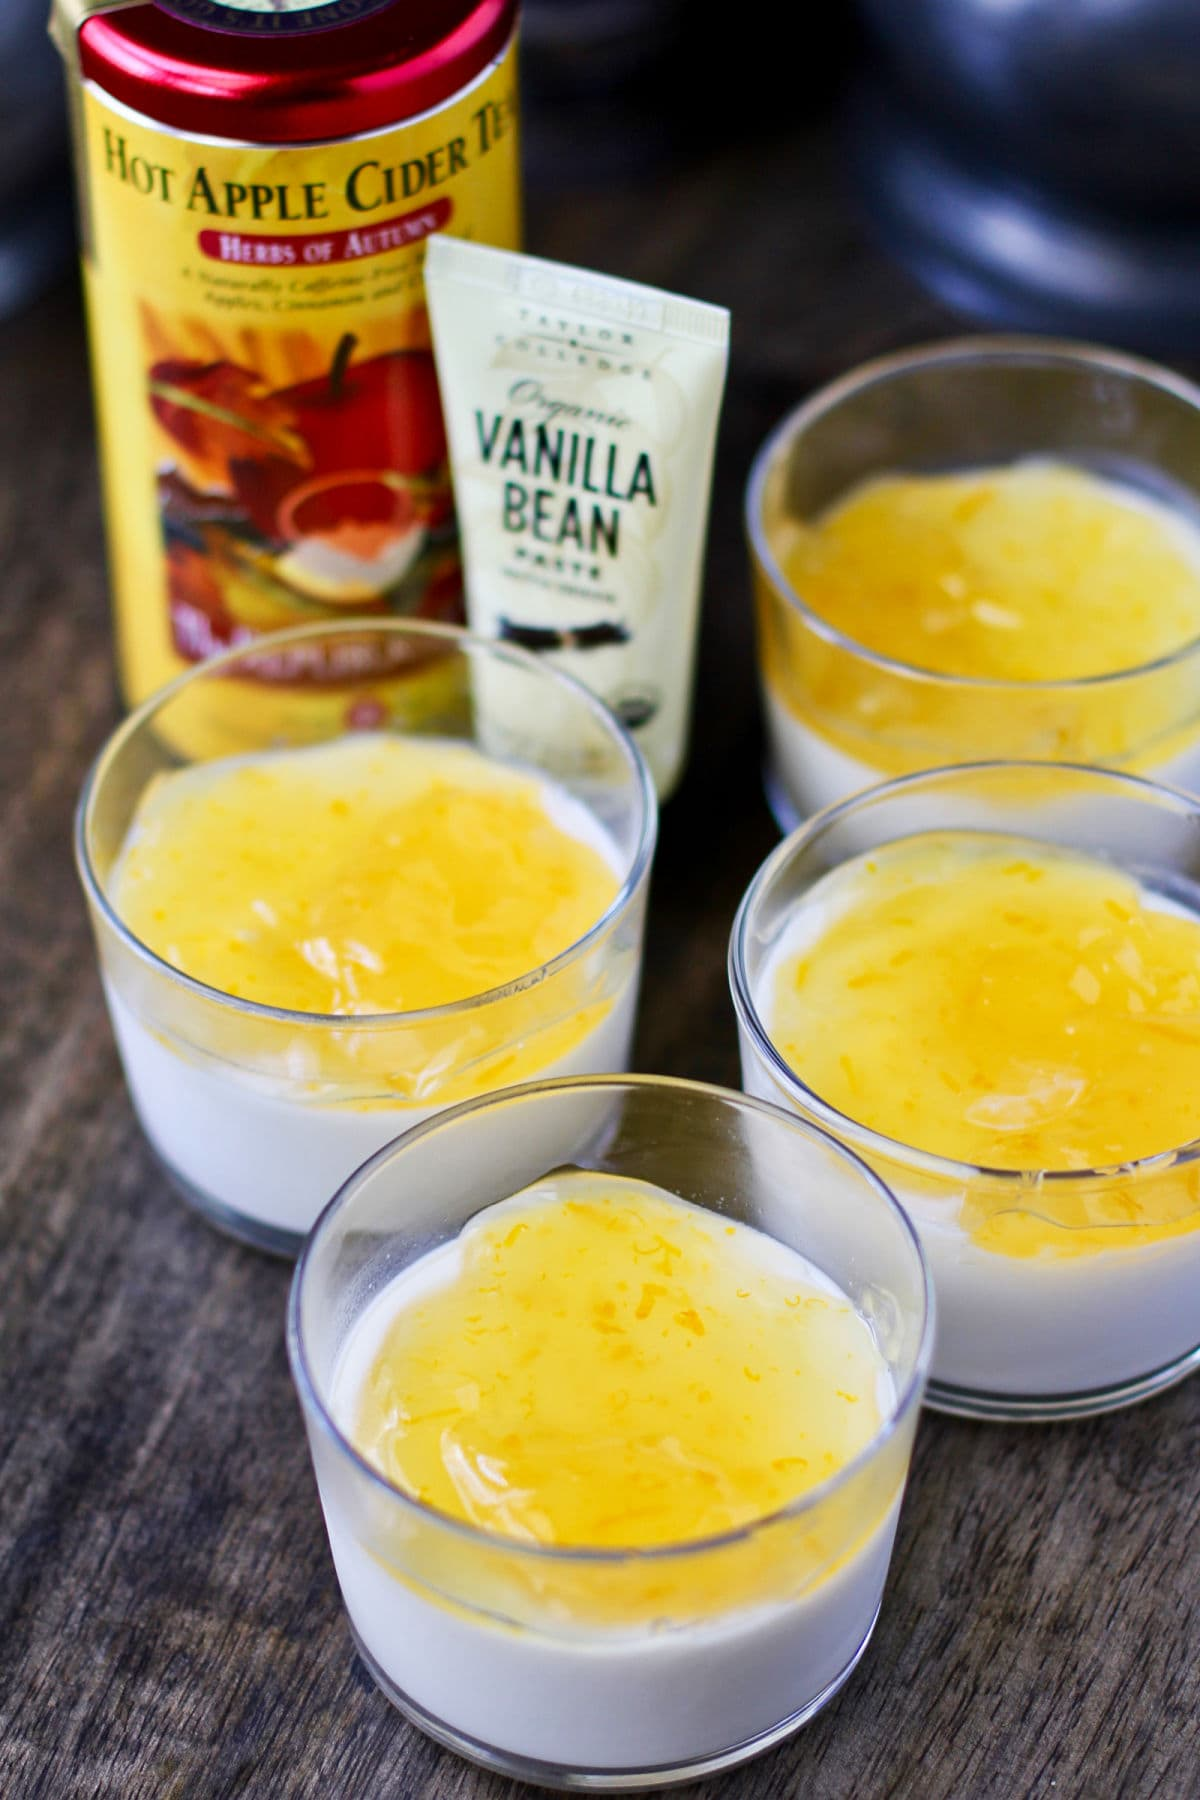 Sweet Tea Panna Cotta with vanilla bean paste.